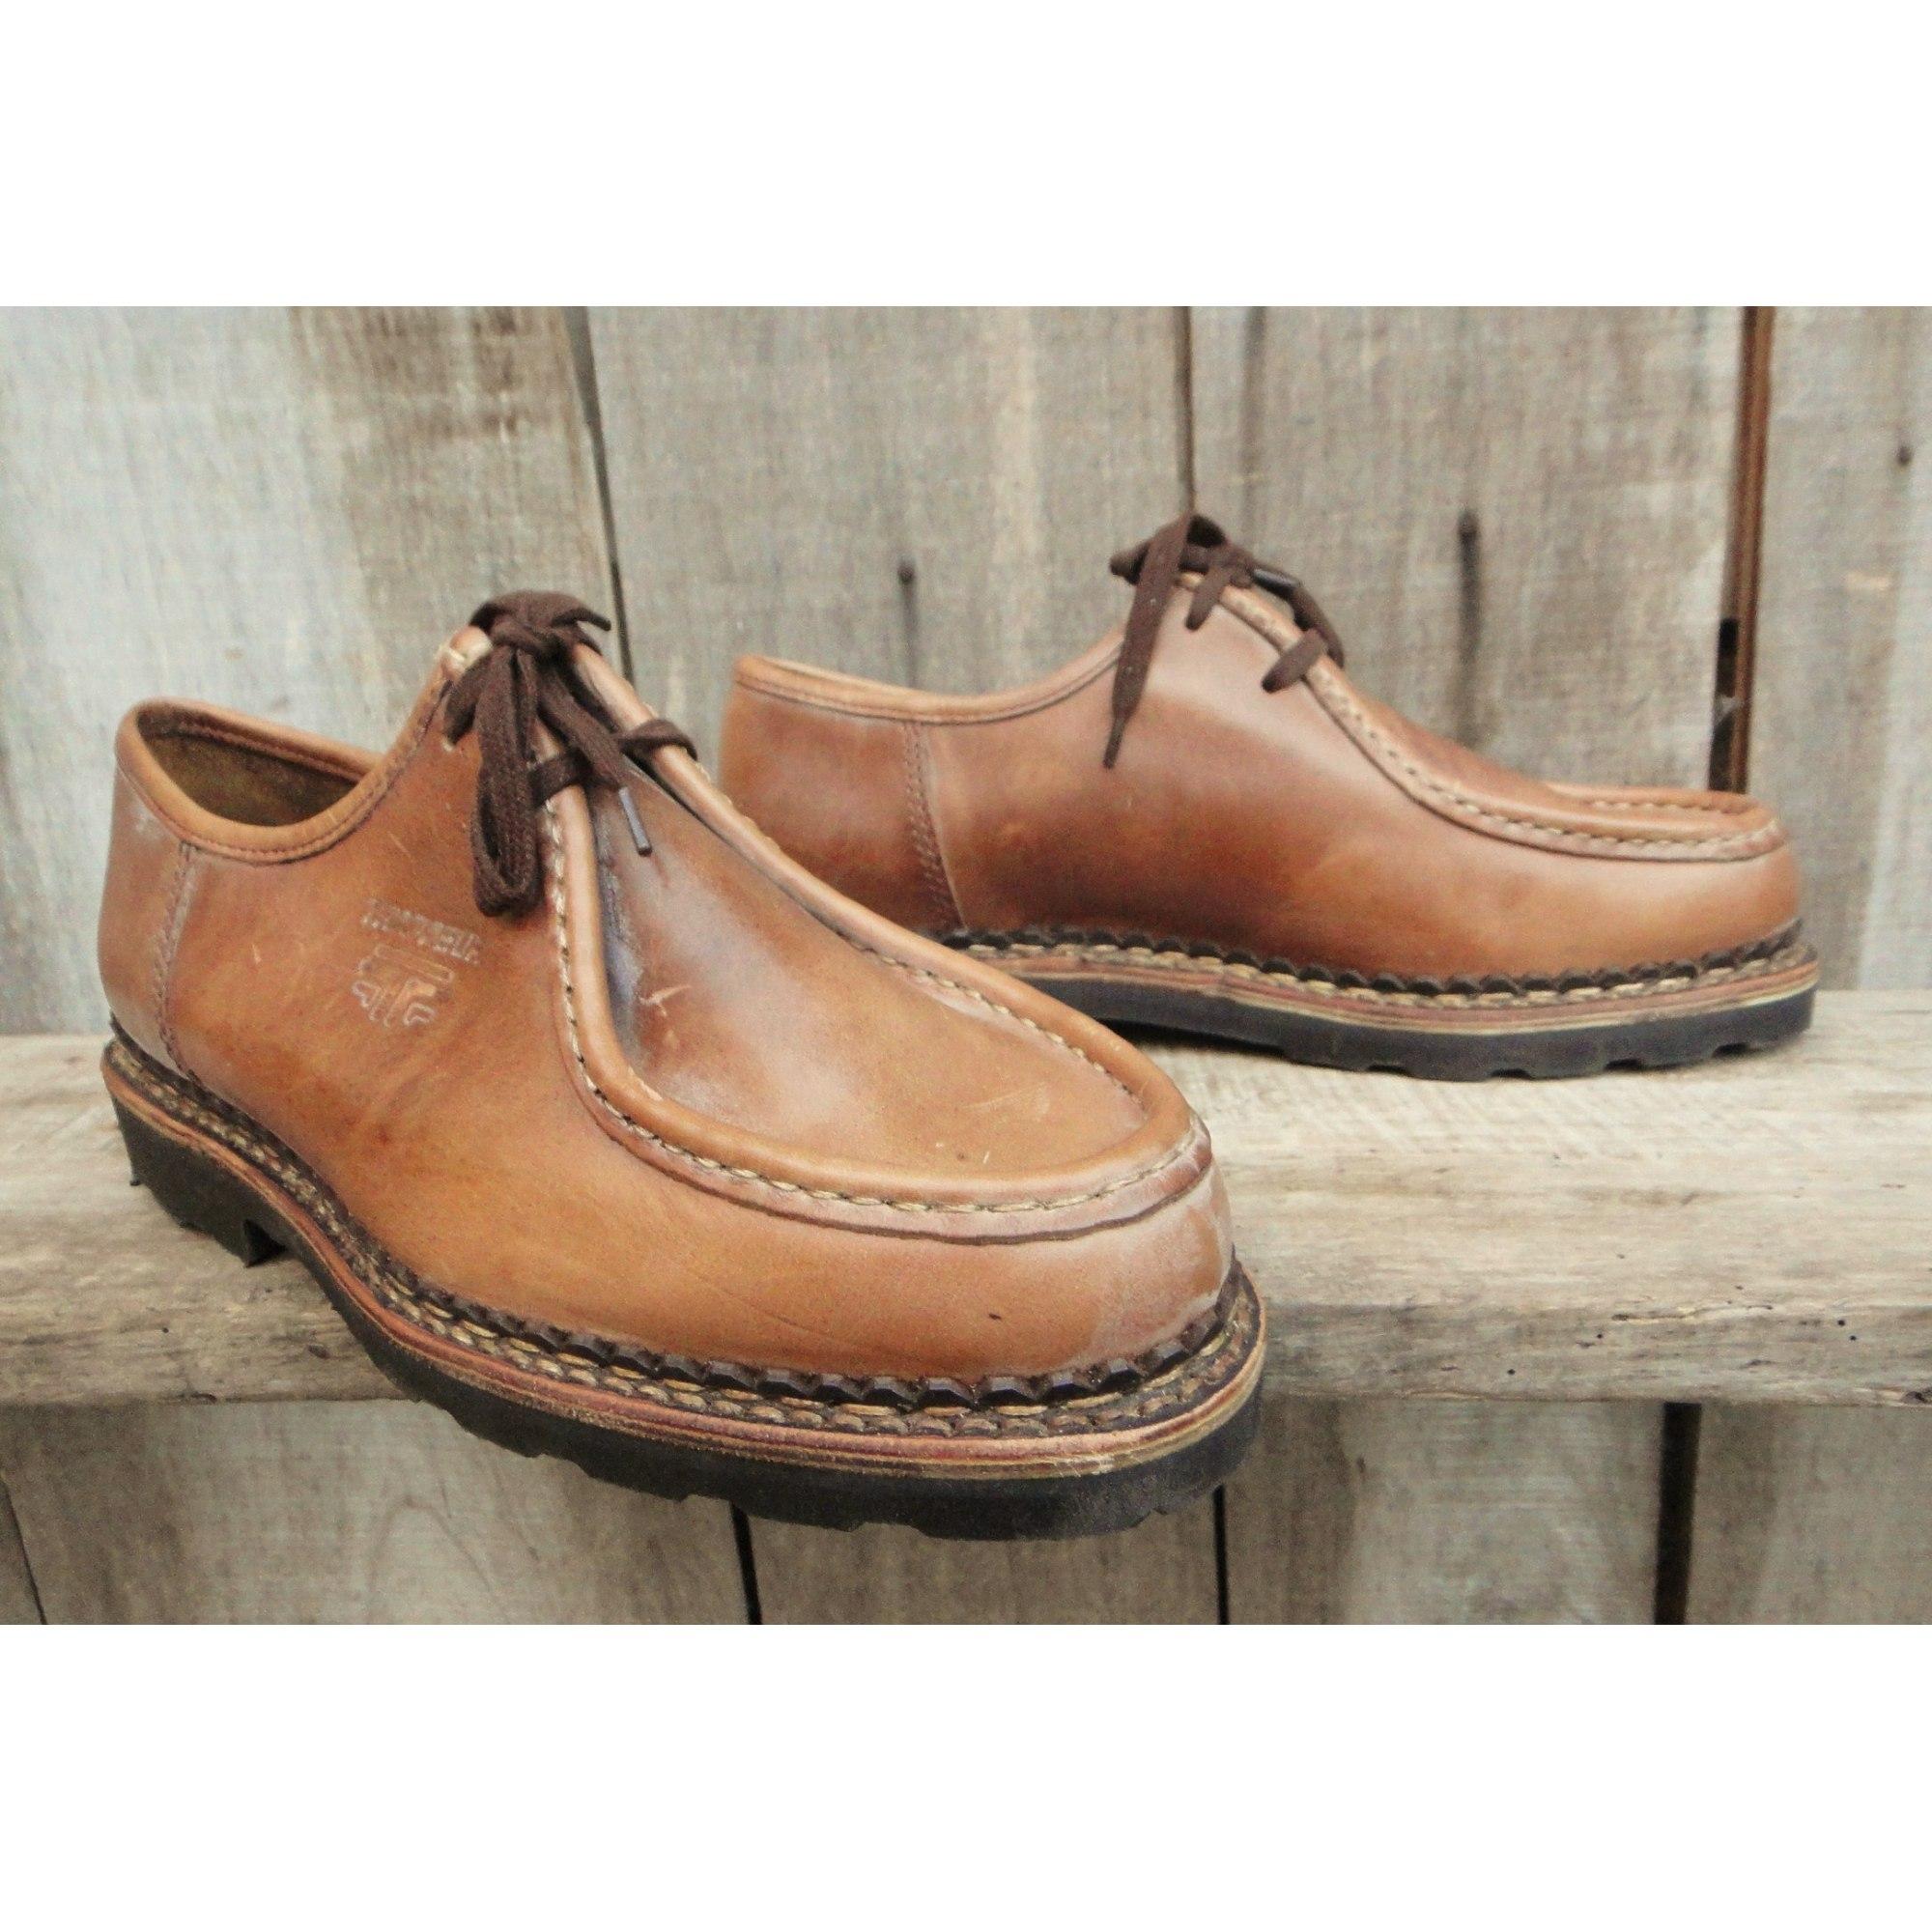 a9115f928af8 Chaussures à lacets LE TRAPPEUR 42 marron - 5123041